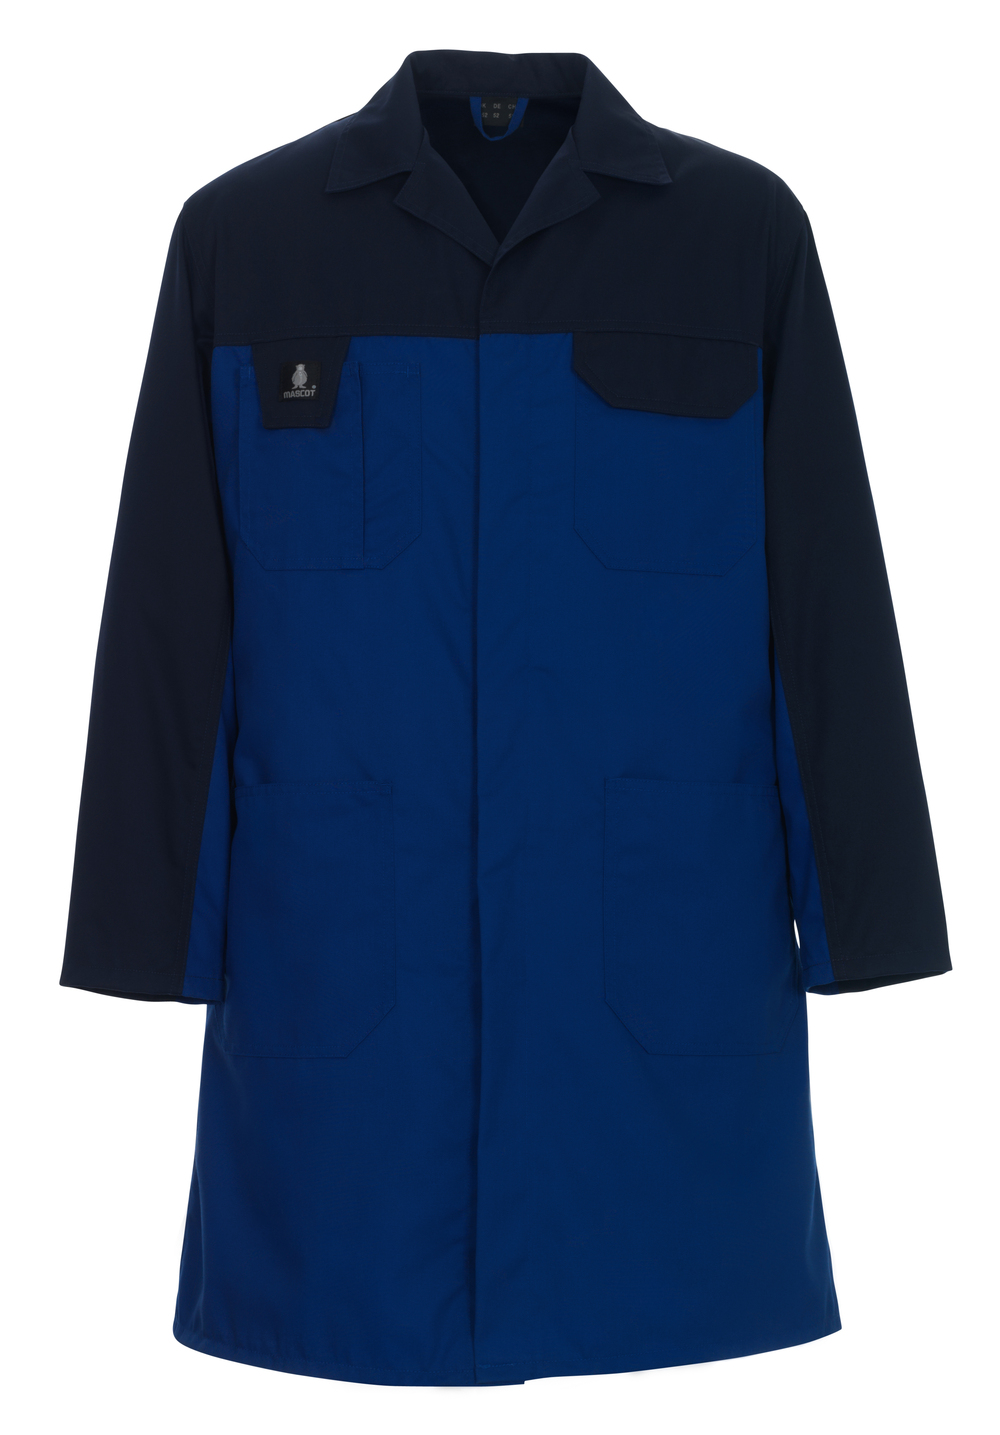 00959-330-1101 Bata de almacén - azul real/azul marino